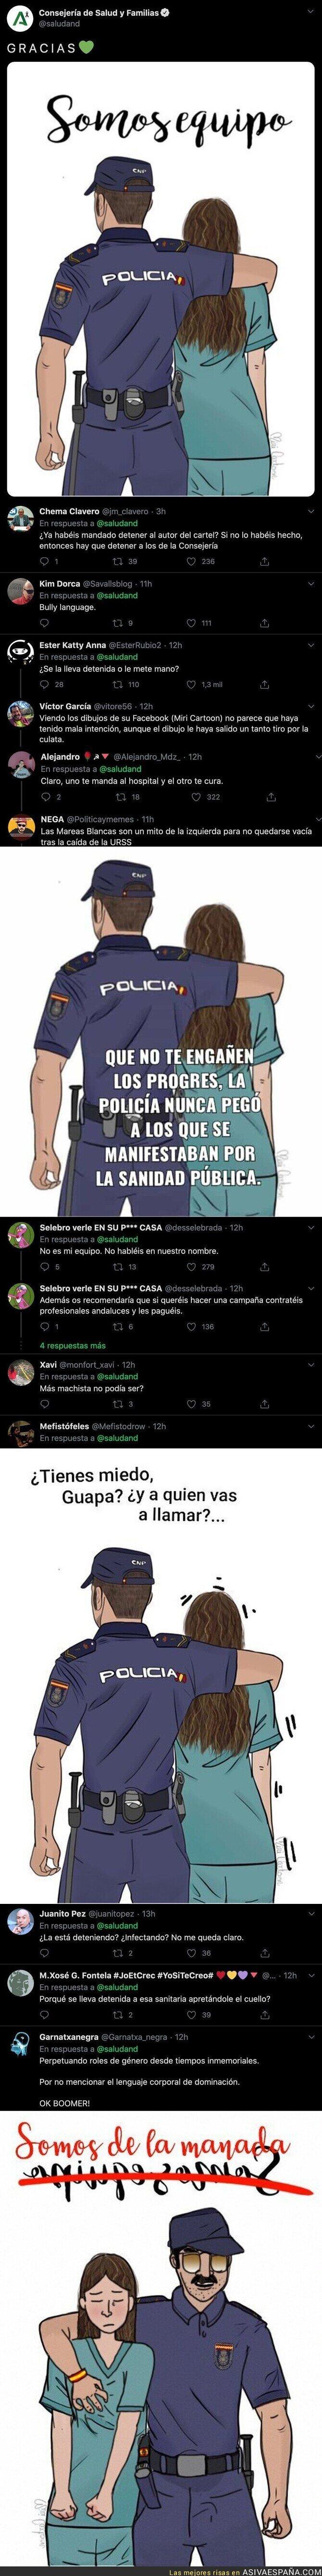 205861 - Atención al lío monumental por el dibujo que ha subido la Consejería de Salud y Familias de la Junta de Andalucía